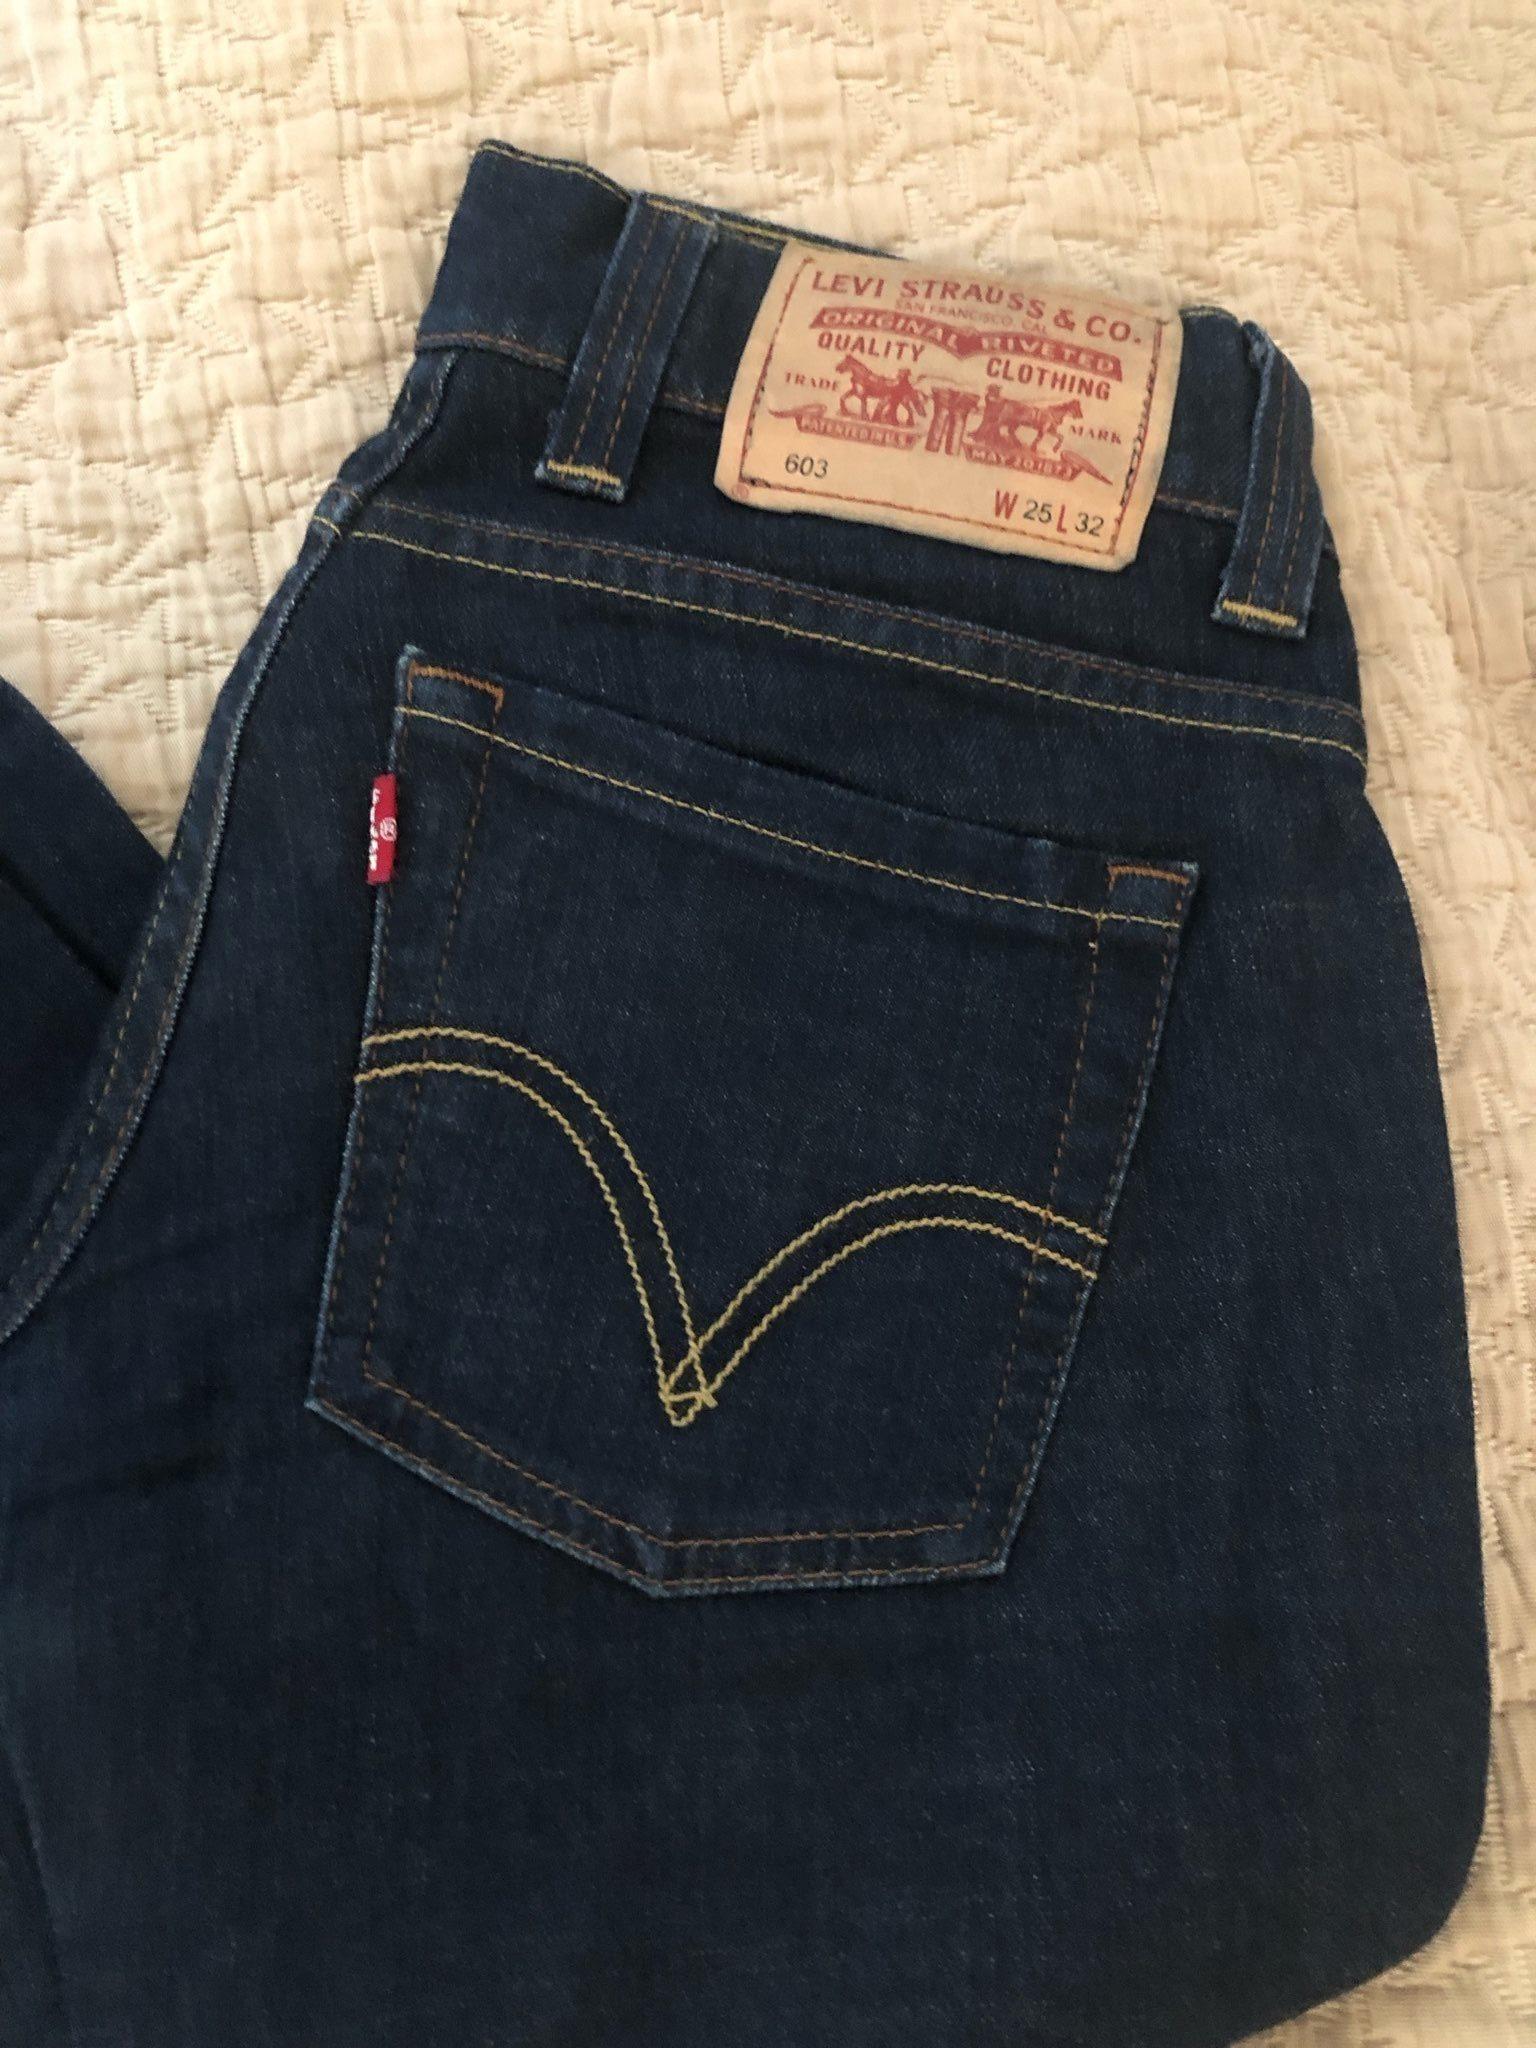 fb48340c181 Levis jeans i stl 25/32 (338740098) ᐈ Köp på Tradera